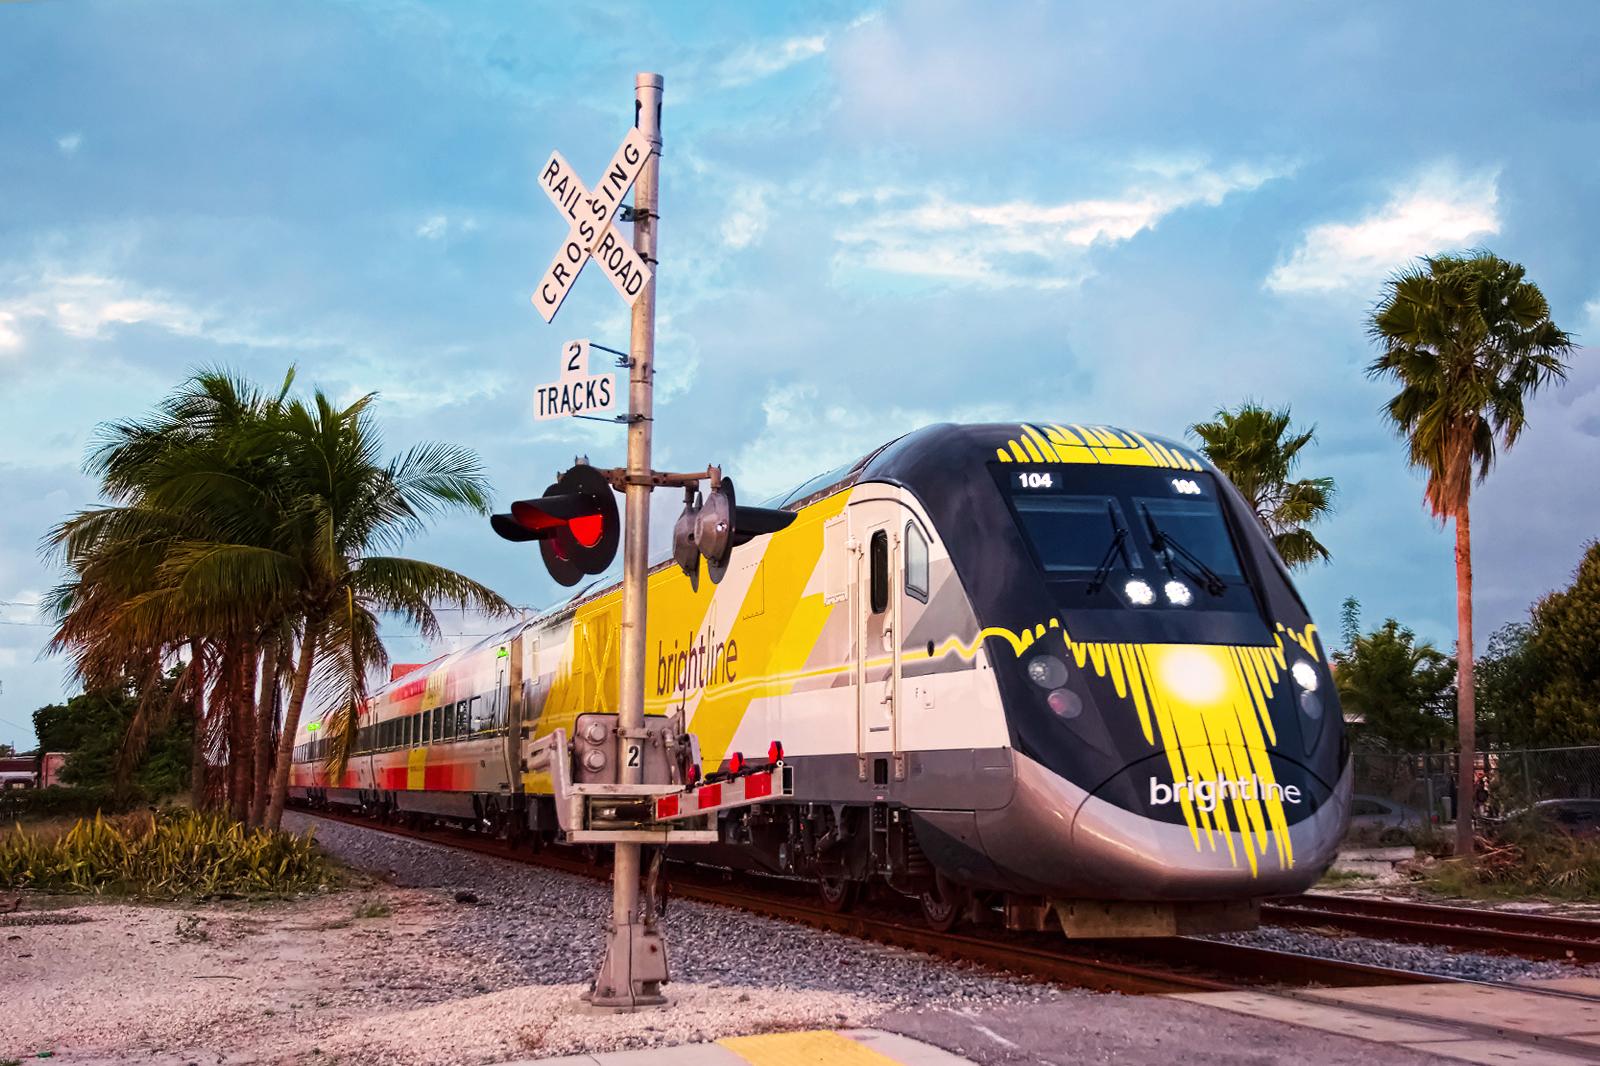 Brightline train at a level crossing in Miami